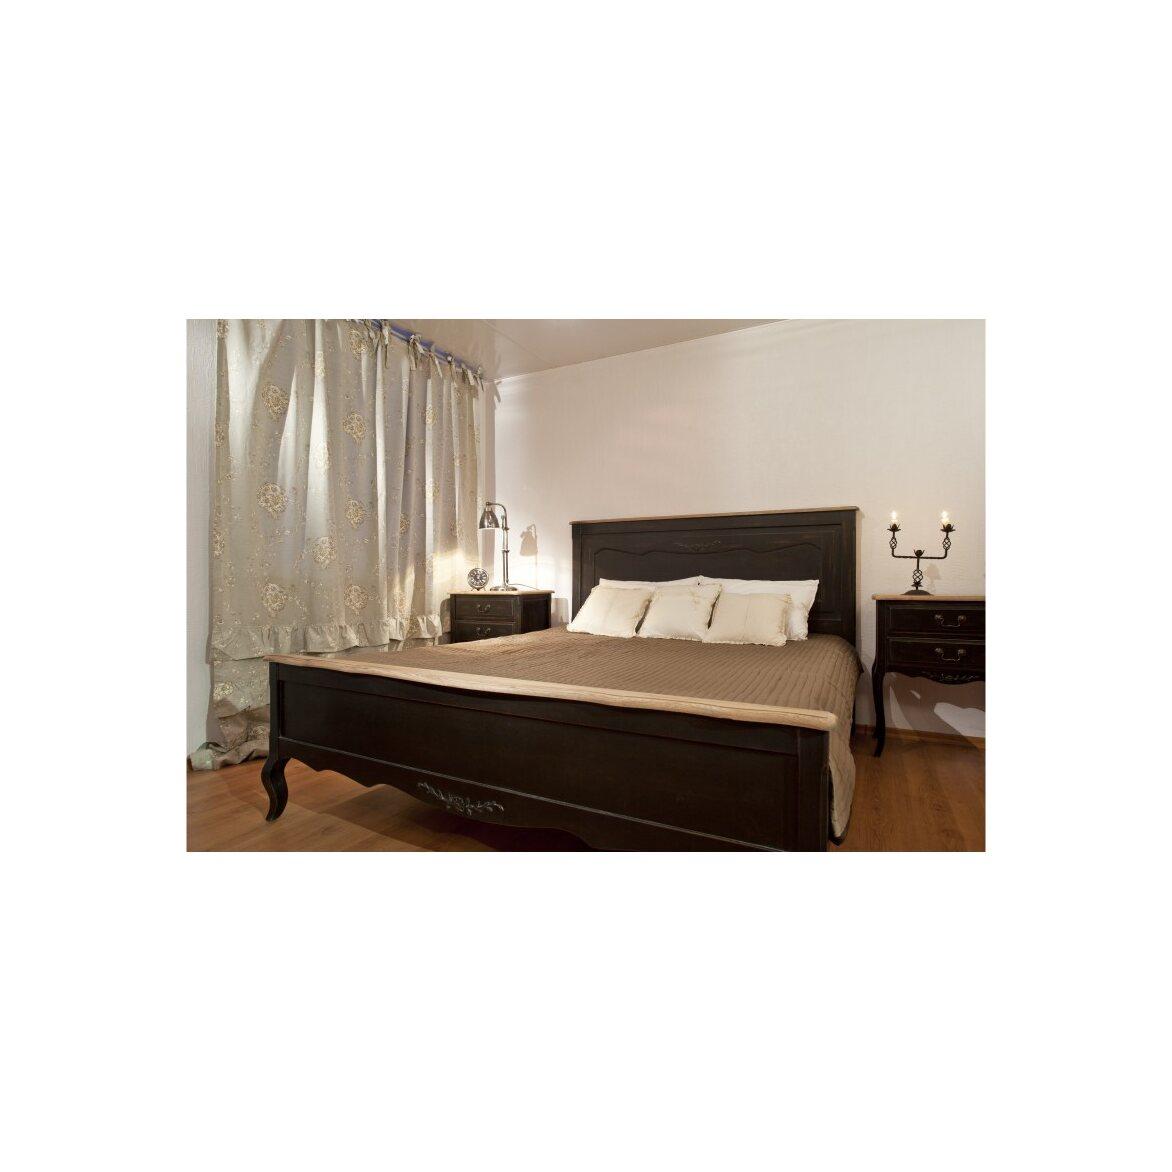 Кровать деревянная 160х200 Leontina, черного цвета 3 | Двуспальные кровати Kingsby